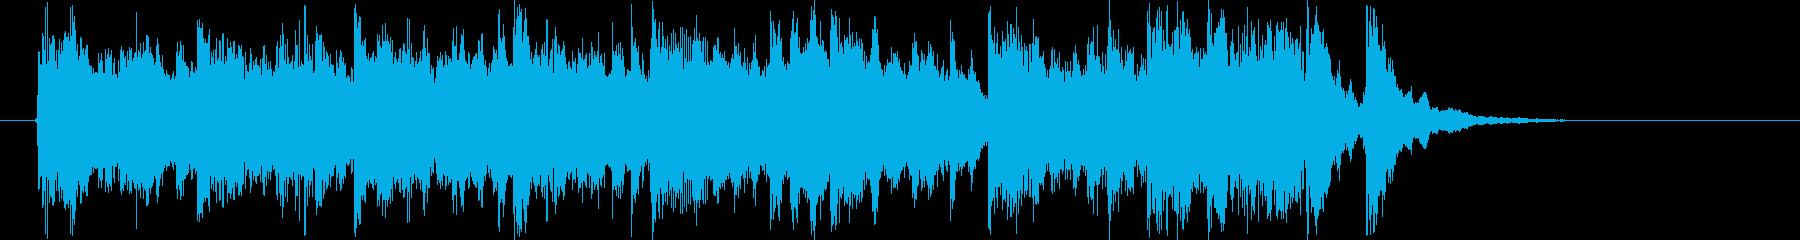 明るいポップなシンセの曲の再生済みの波形